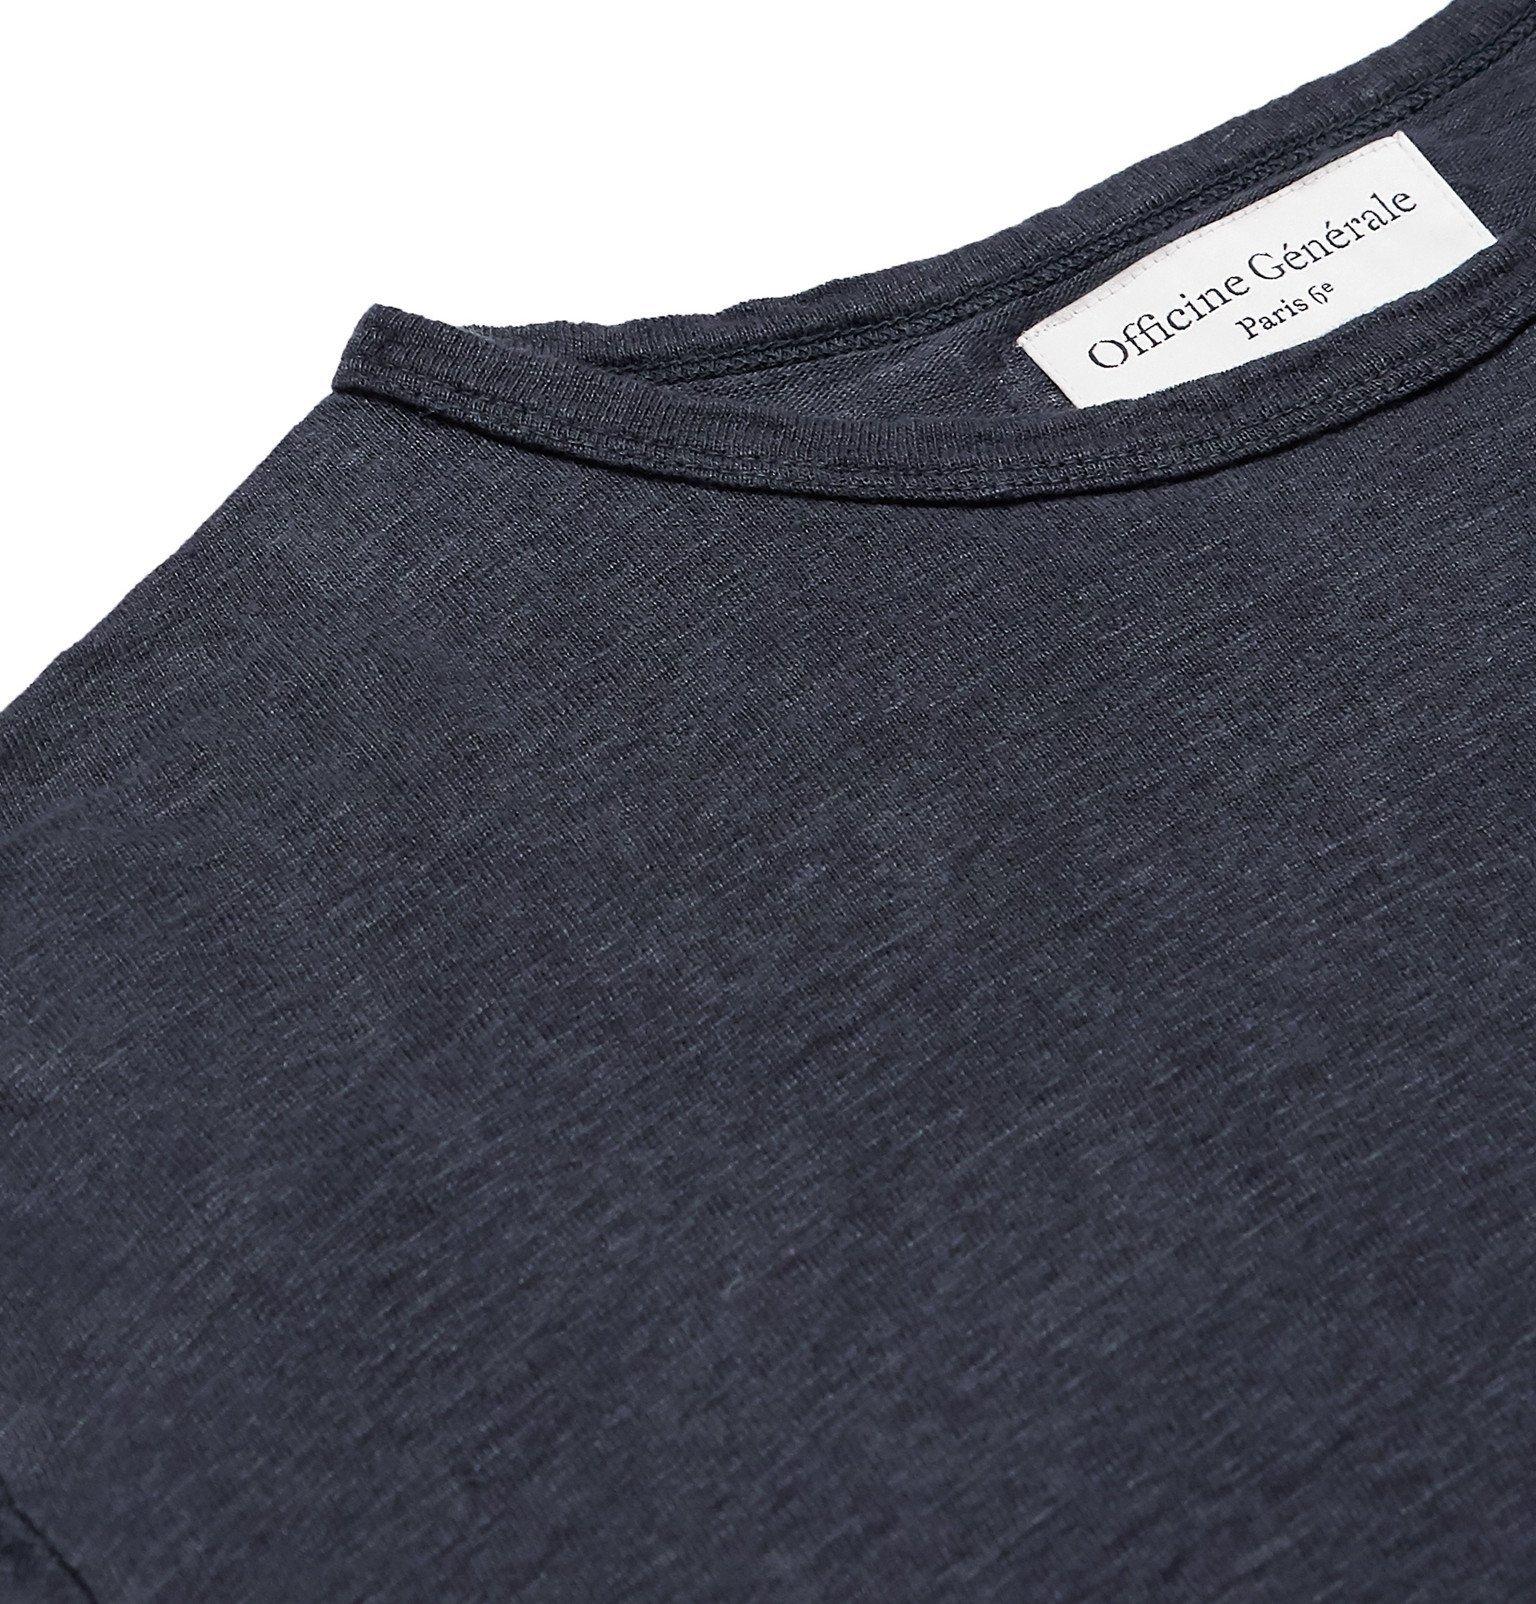 Officine Generale - Garment-Dyed Linen T-Shirt - Blue